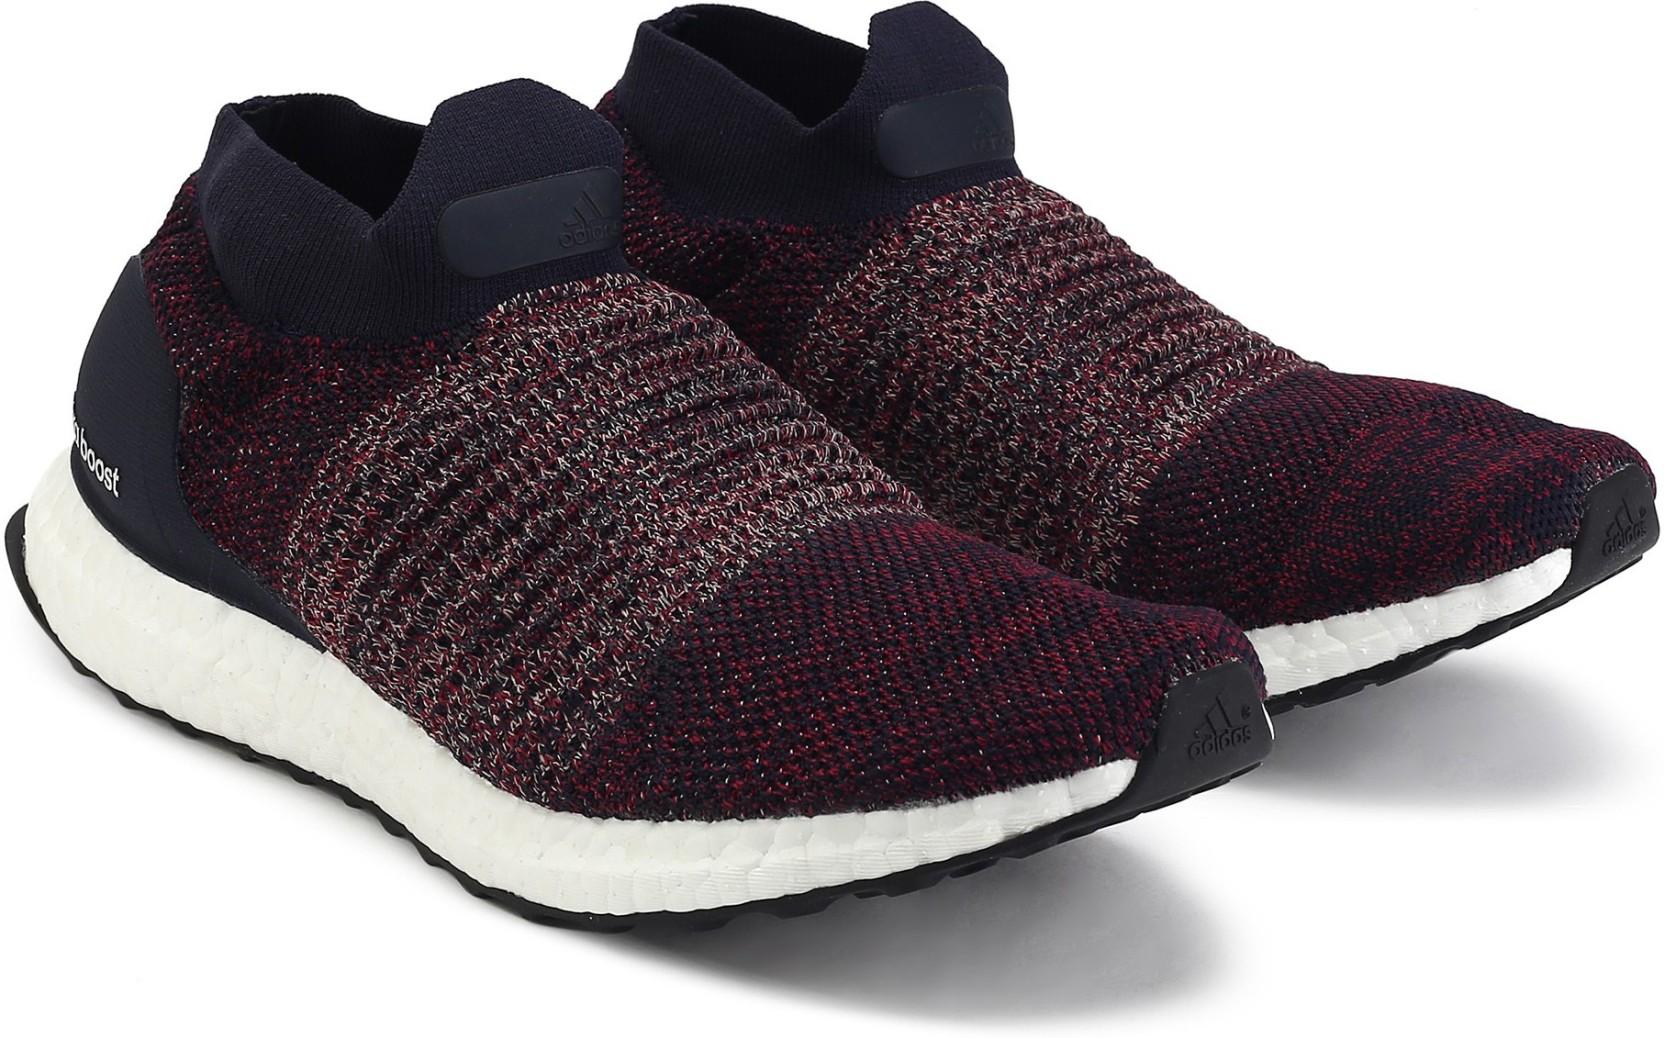 09e8ebbbc39f ADIDAS ULTRABOOST LACELESS W Walking Shoes For Women - Buy LEGINK ...